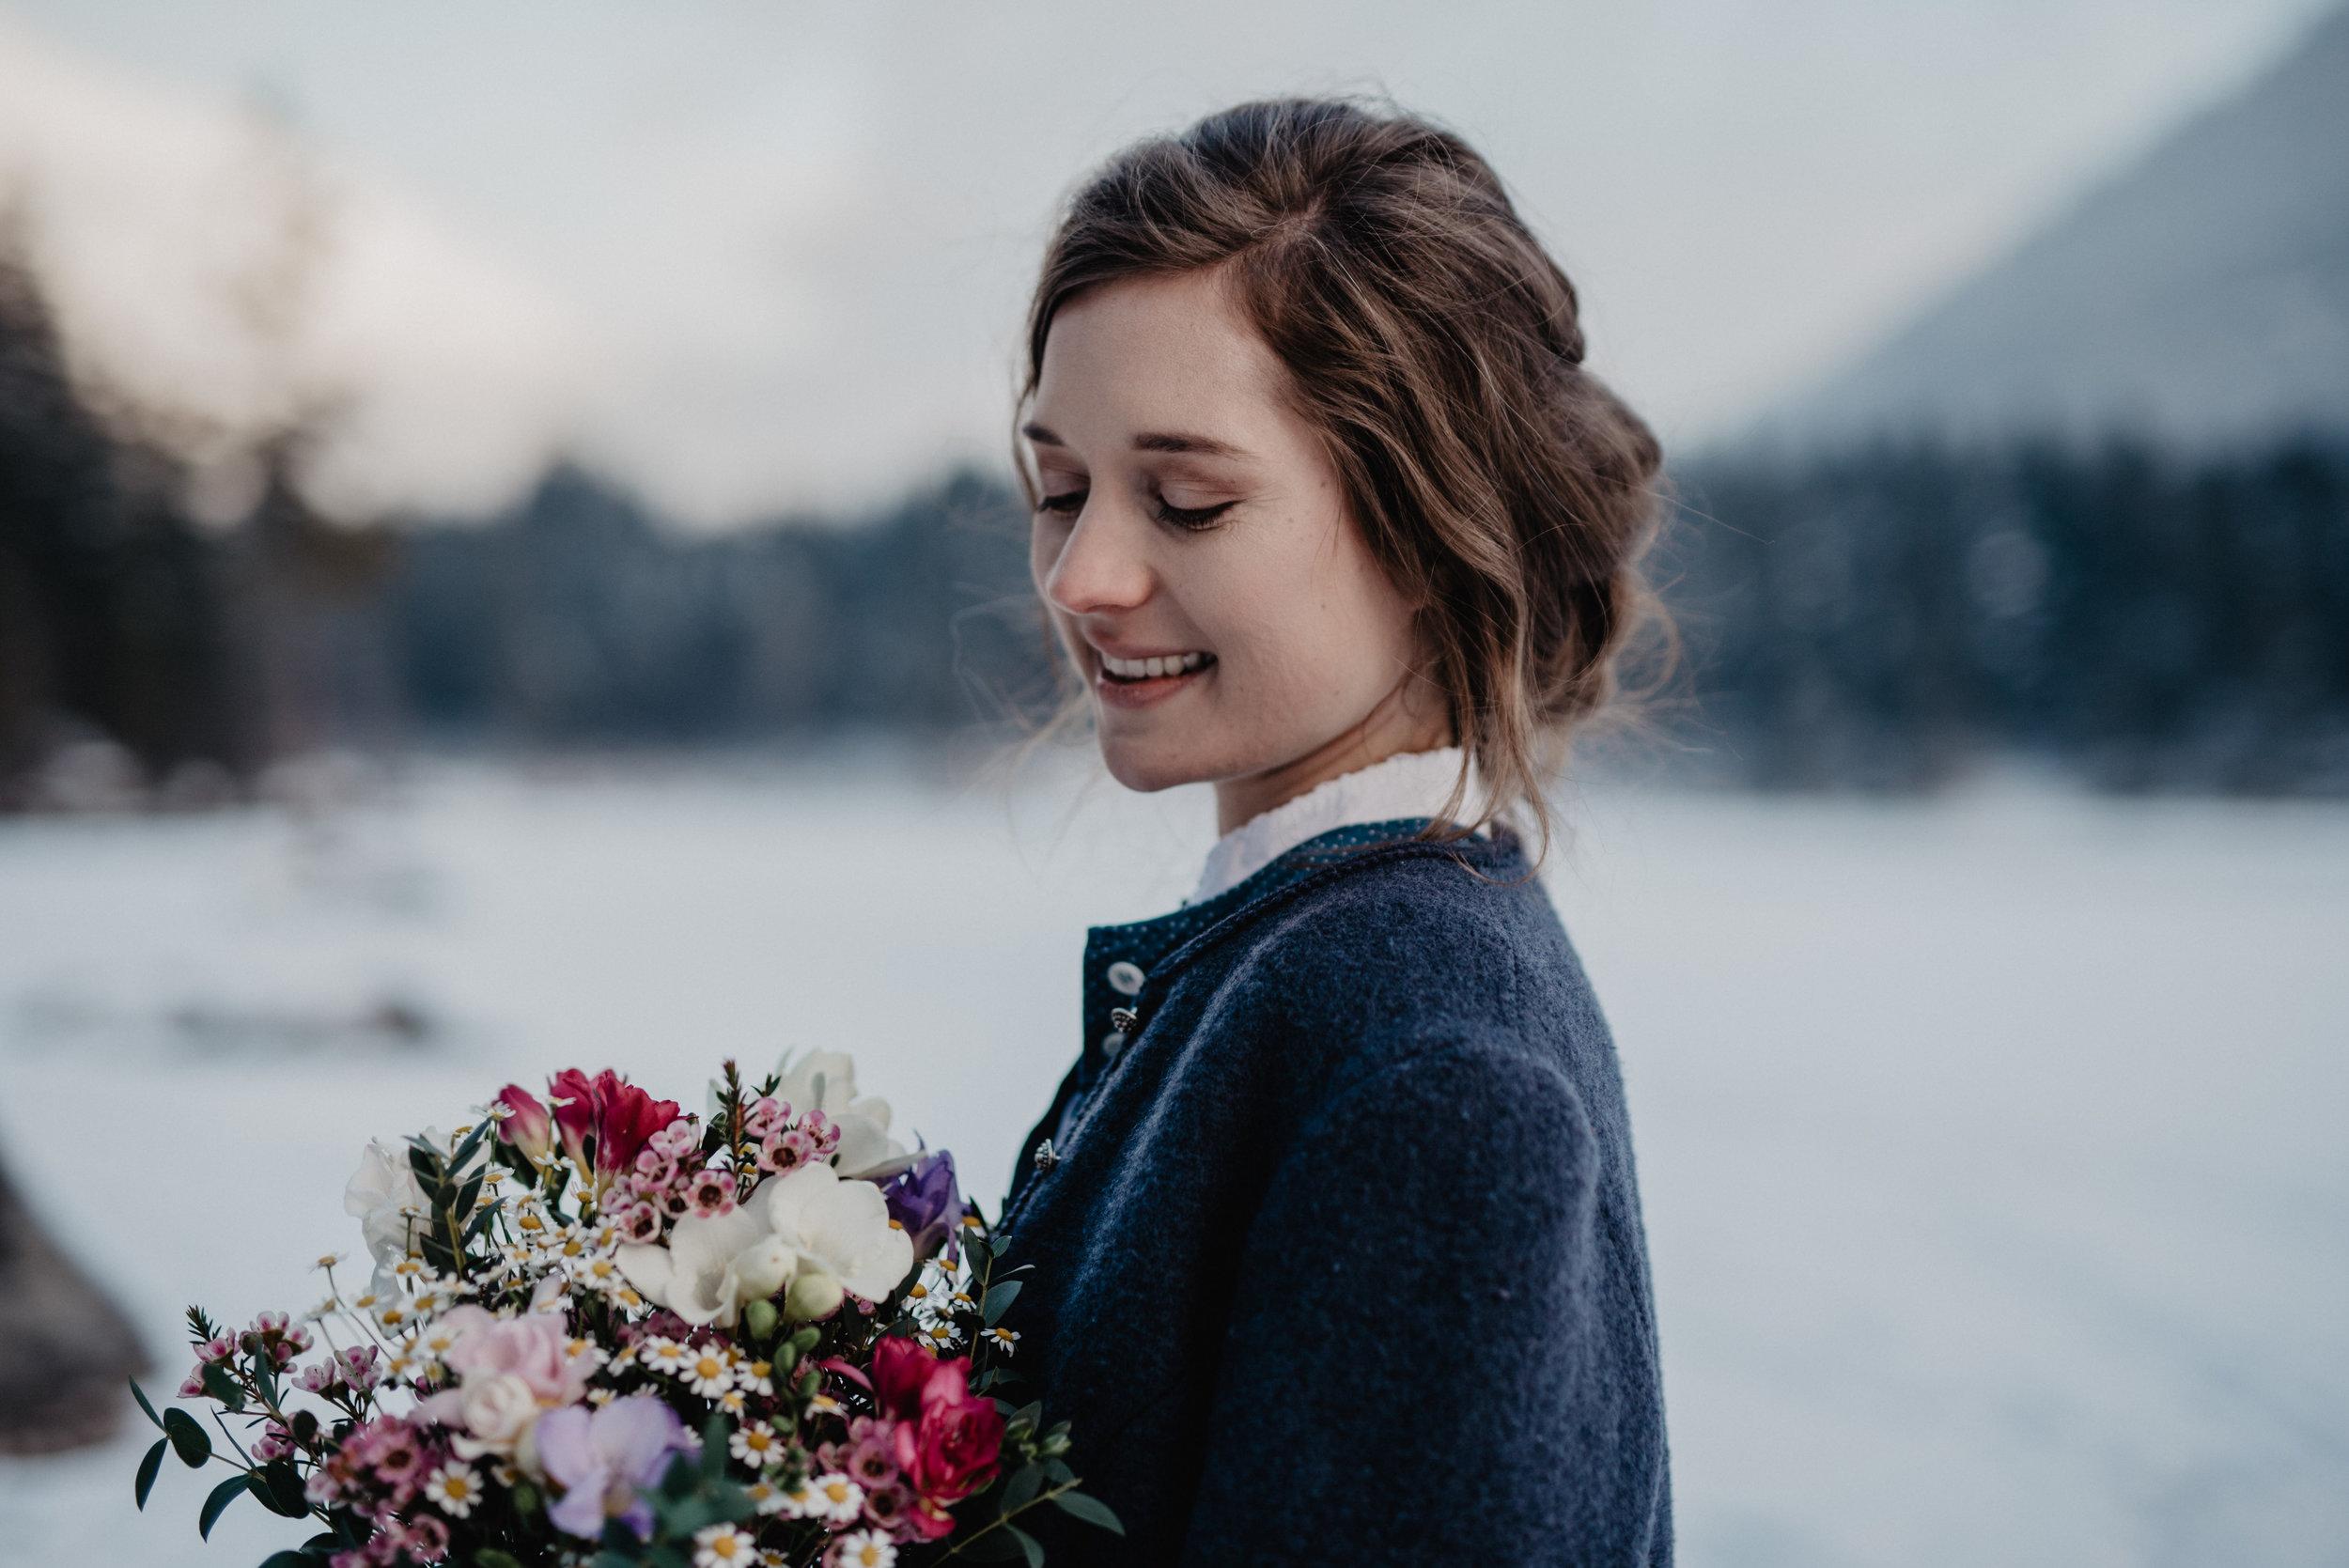 Hochzeit-Berchtesgaden-Hintersee-MissFrecklesPhotography-35.jpg